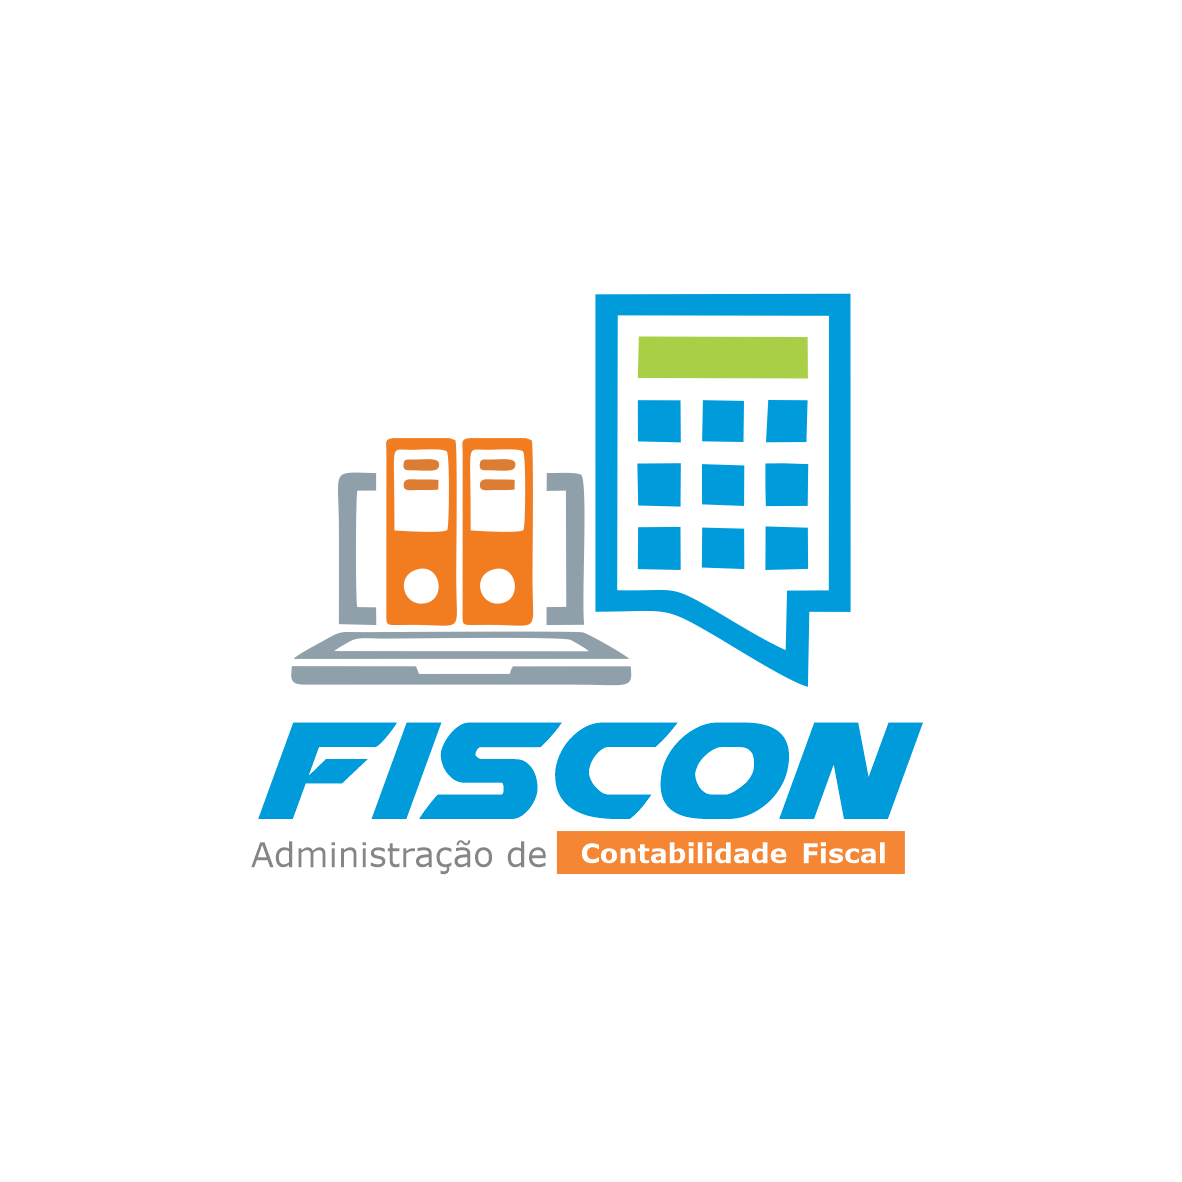 Logotipo Logomarca Administração de Contabilidade Fiscal